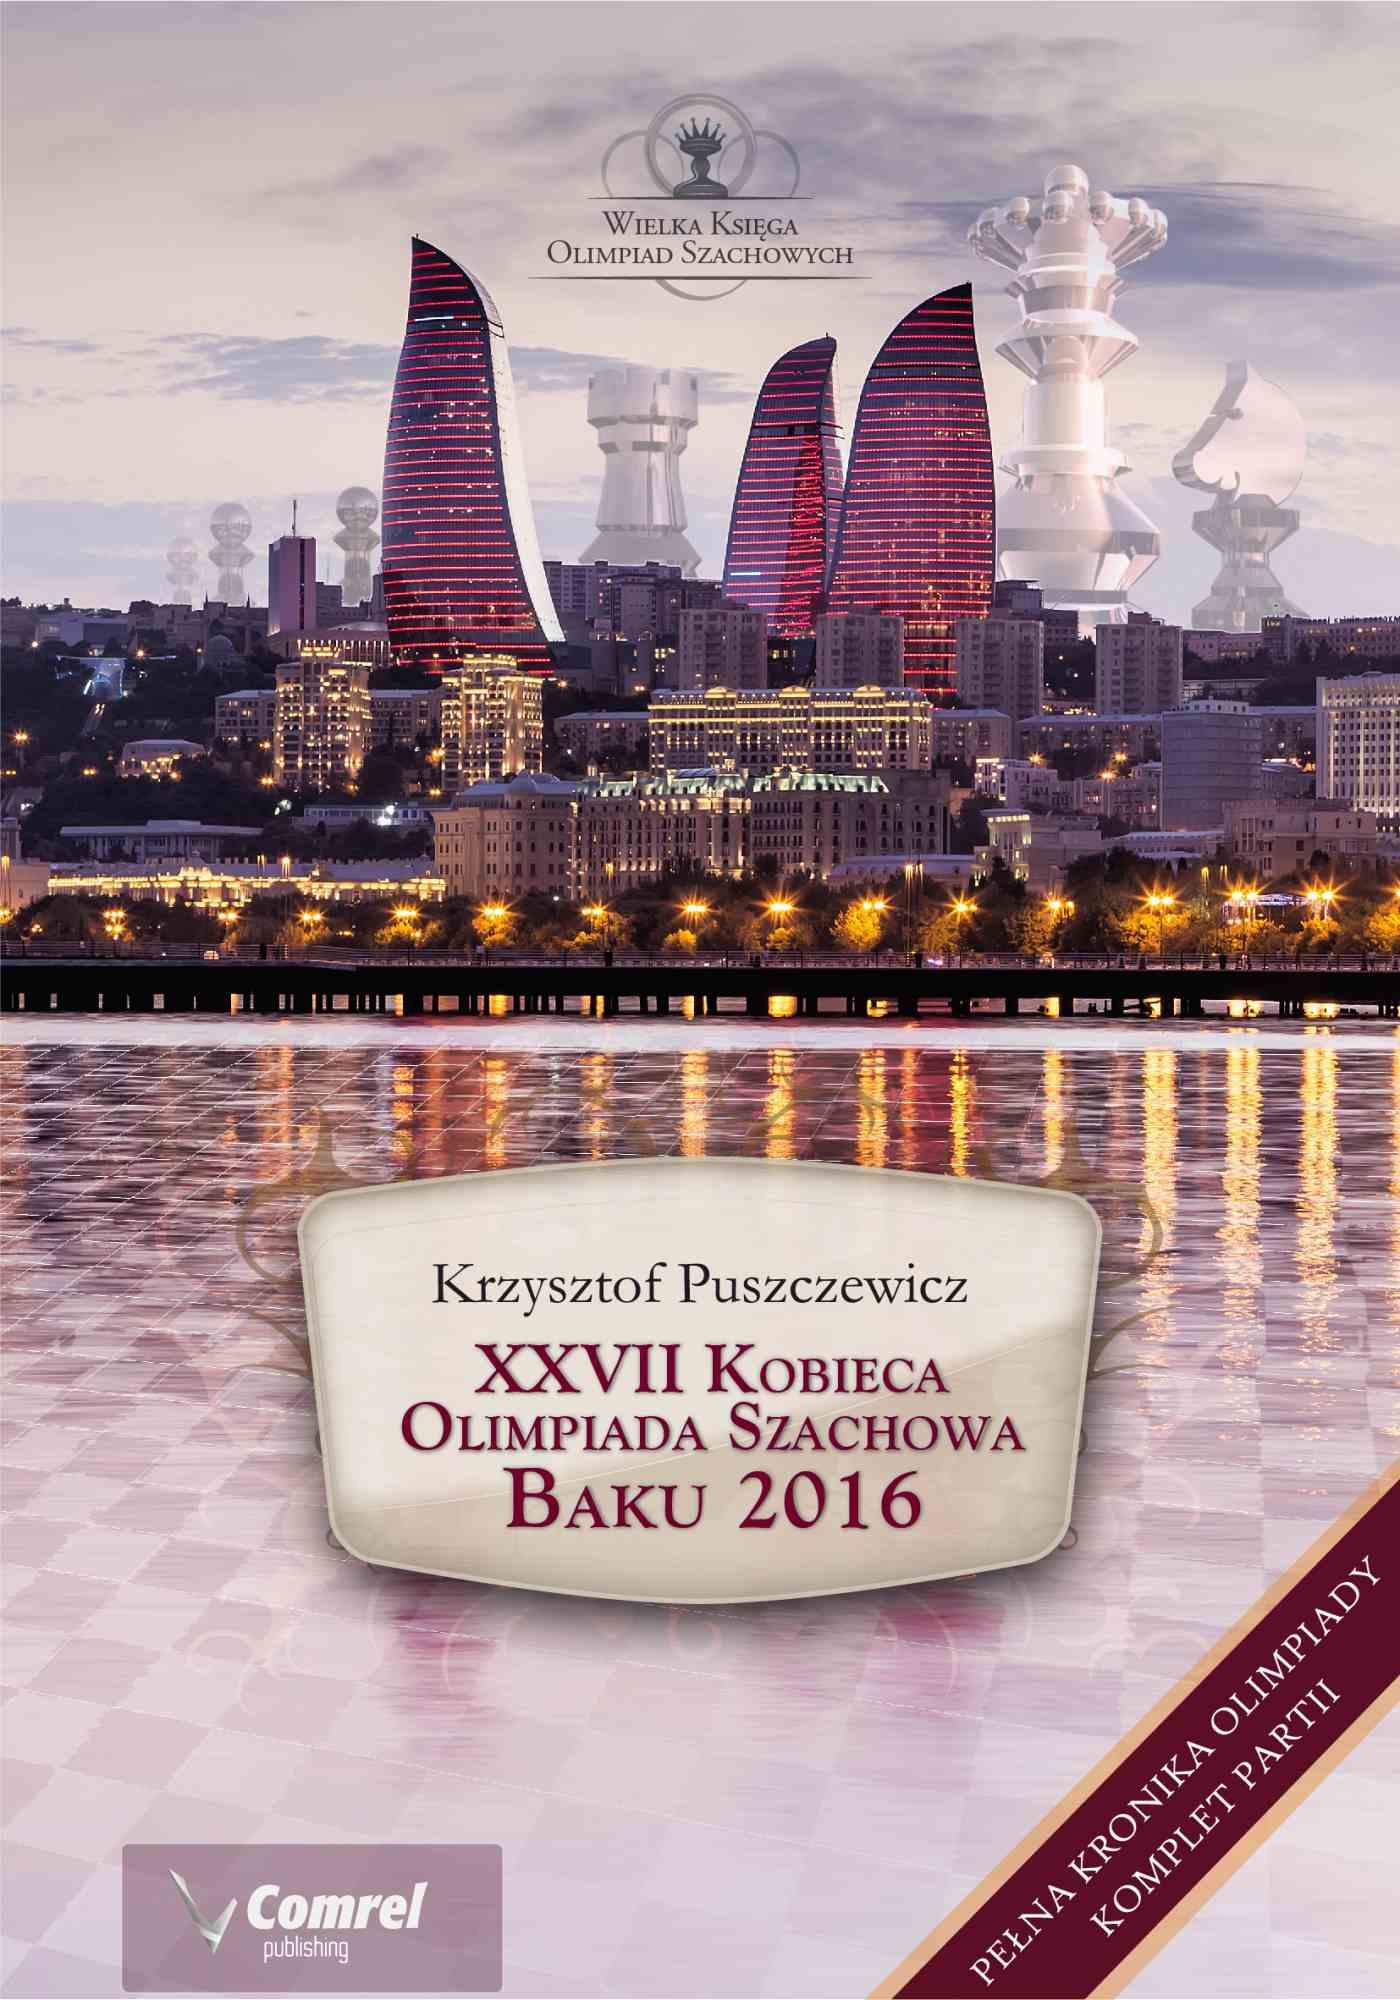 XXVII Kobieca Olimpiada Szachowa - Baku 2016 - Ebook (Książka PDF) do pobrania w formacie PDF